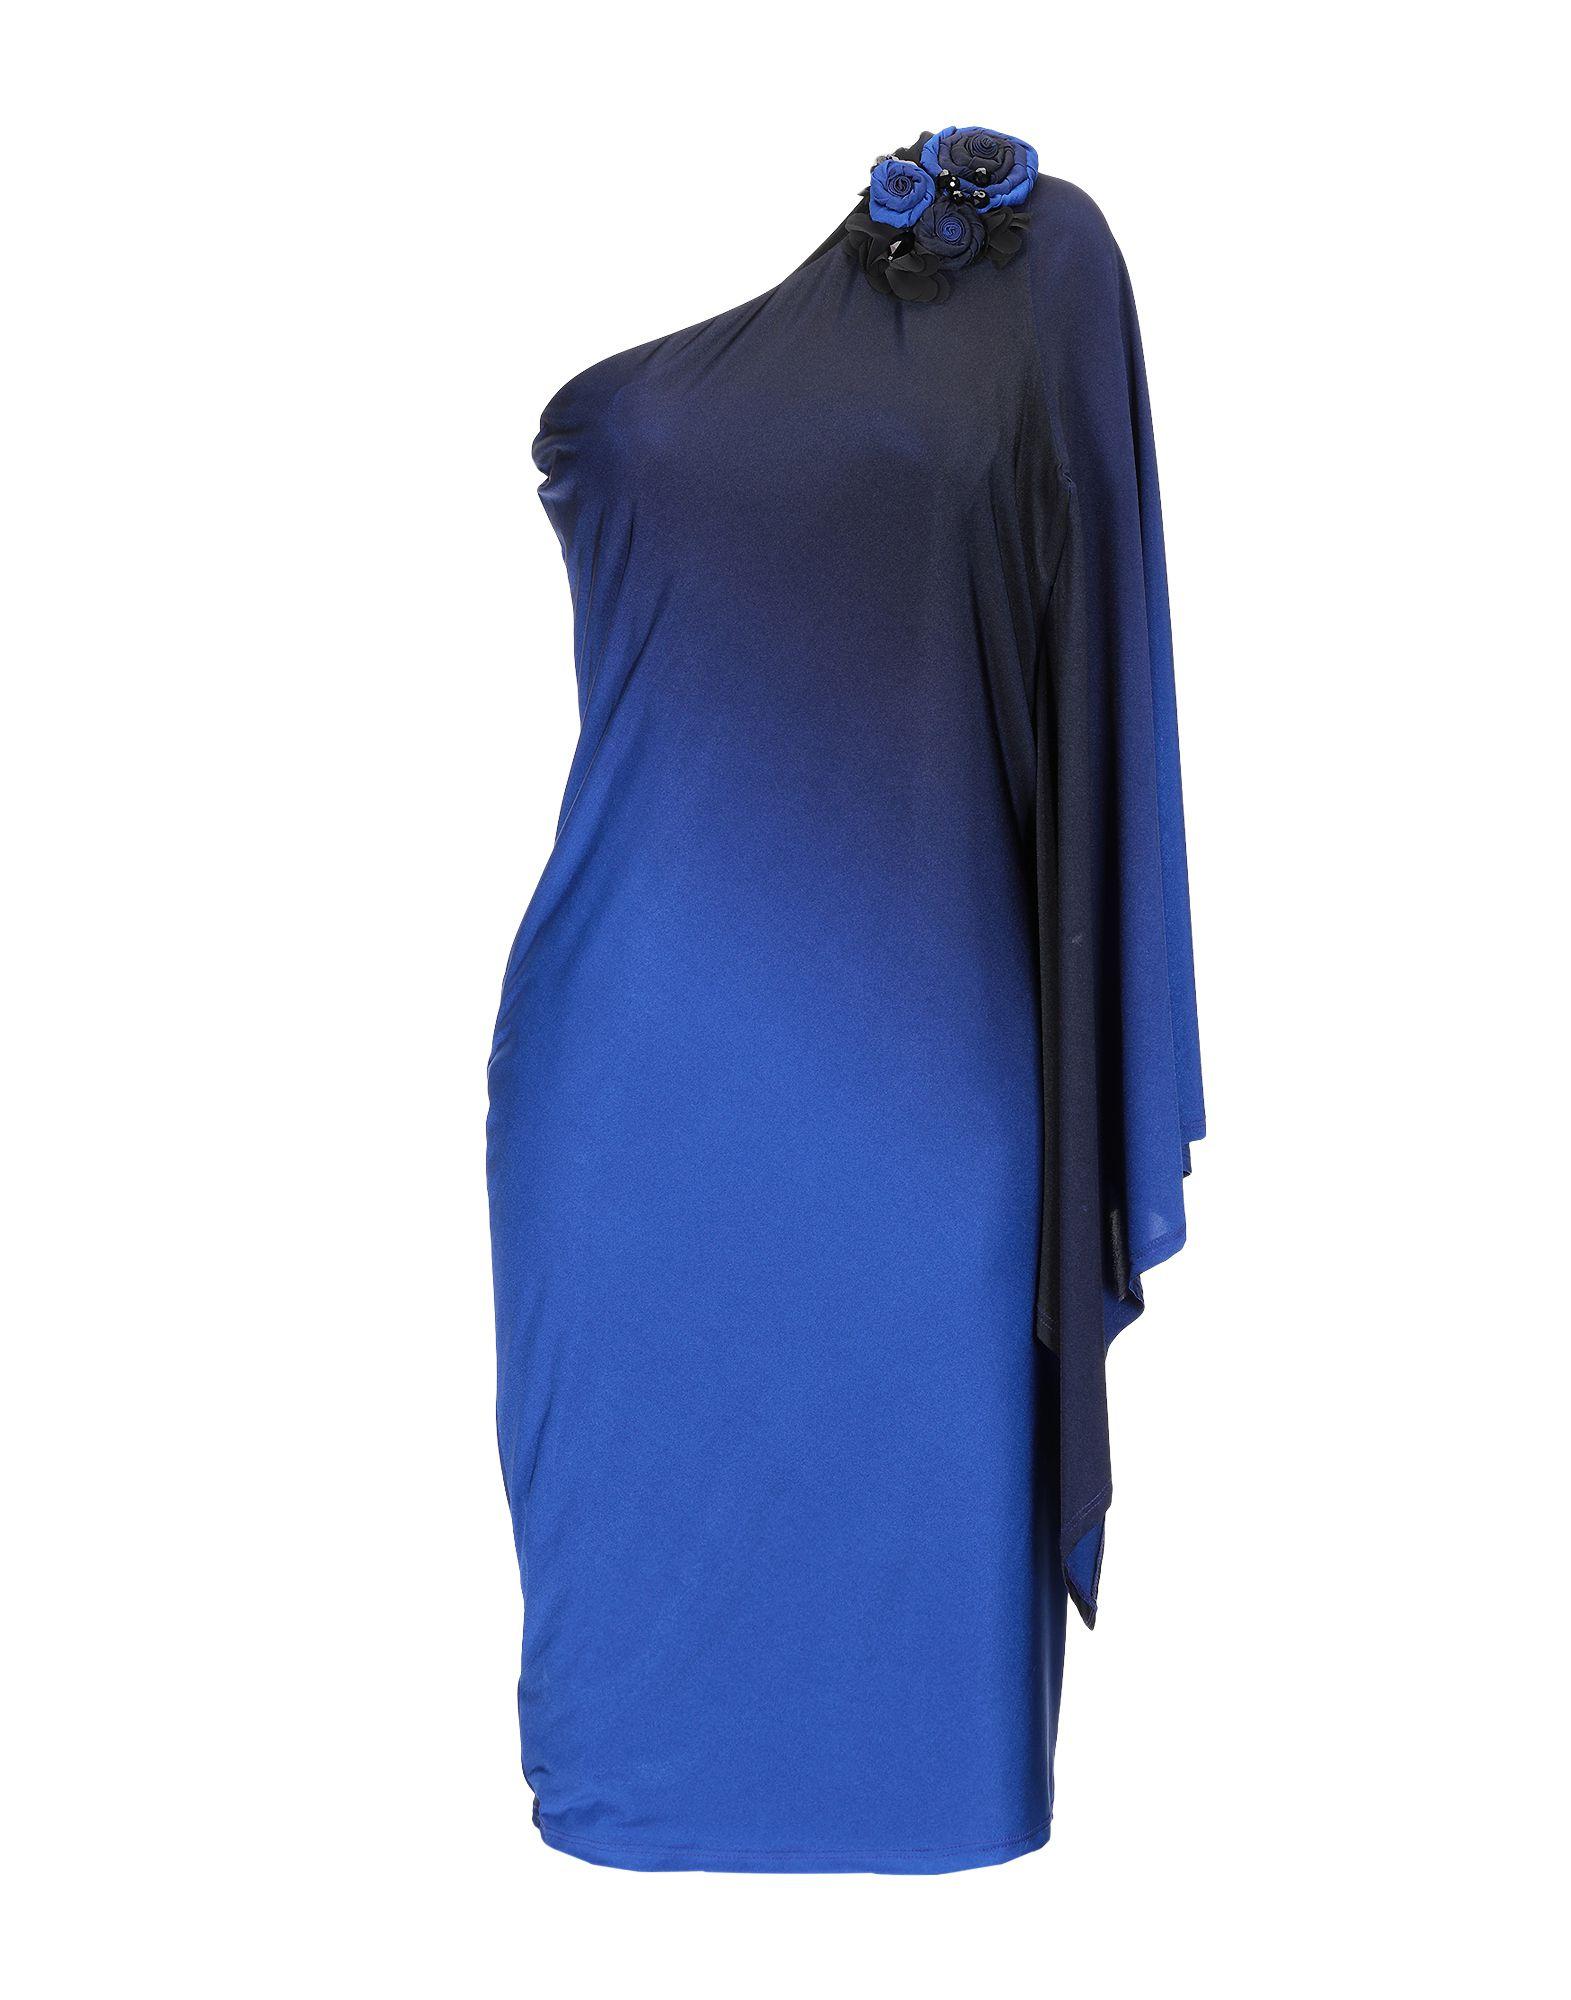 Vestito Corto J.M. Couture donna - 34911144KW 34911144KW 34911144KW c9c